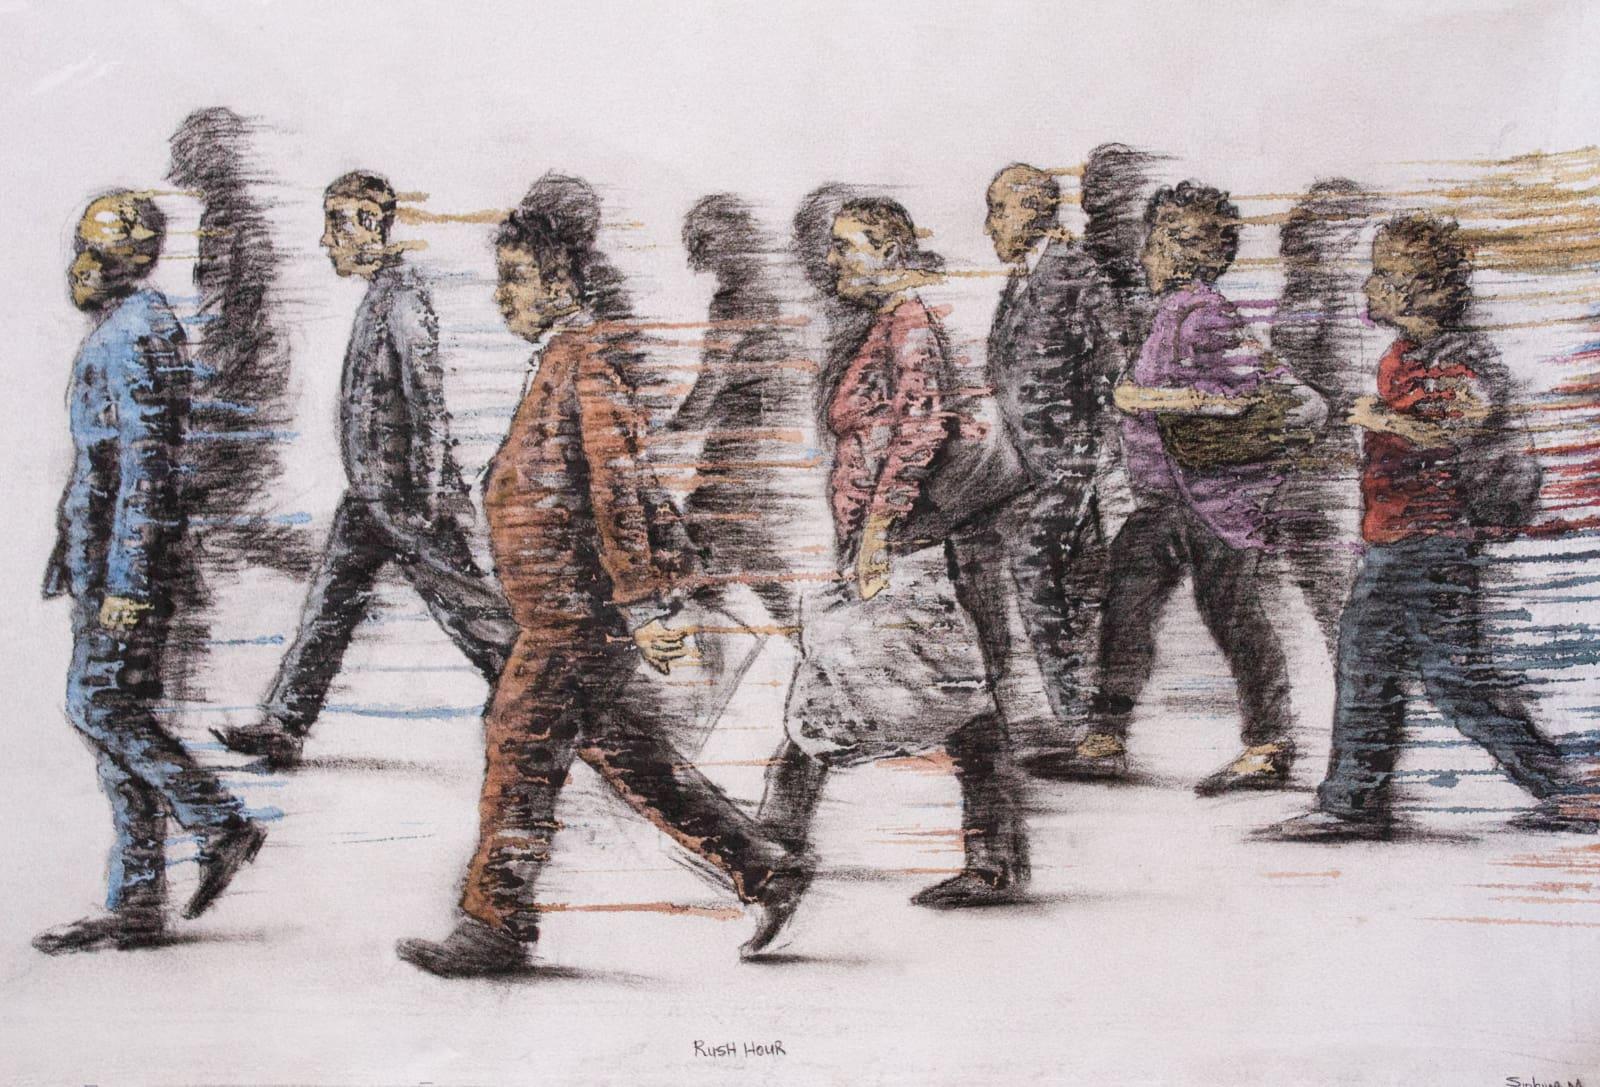 Siphiwe Makgoka, Rush Hour, 2018